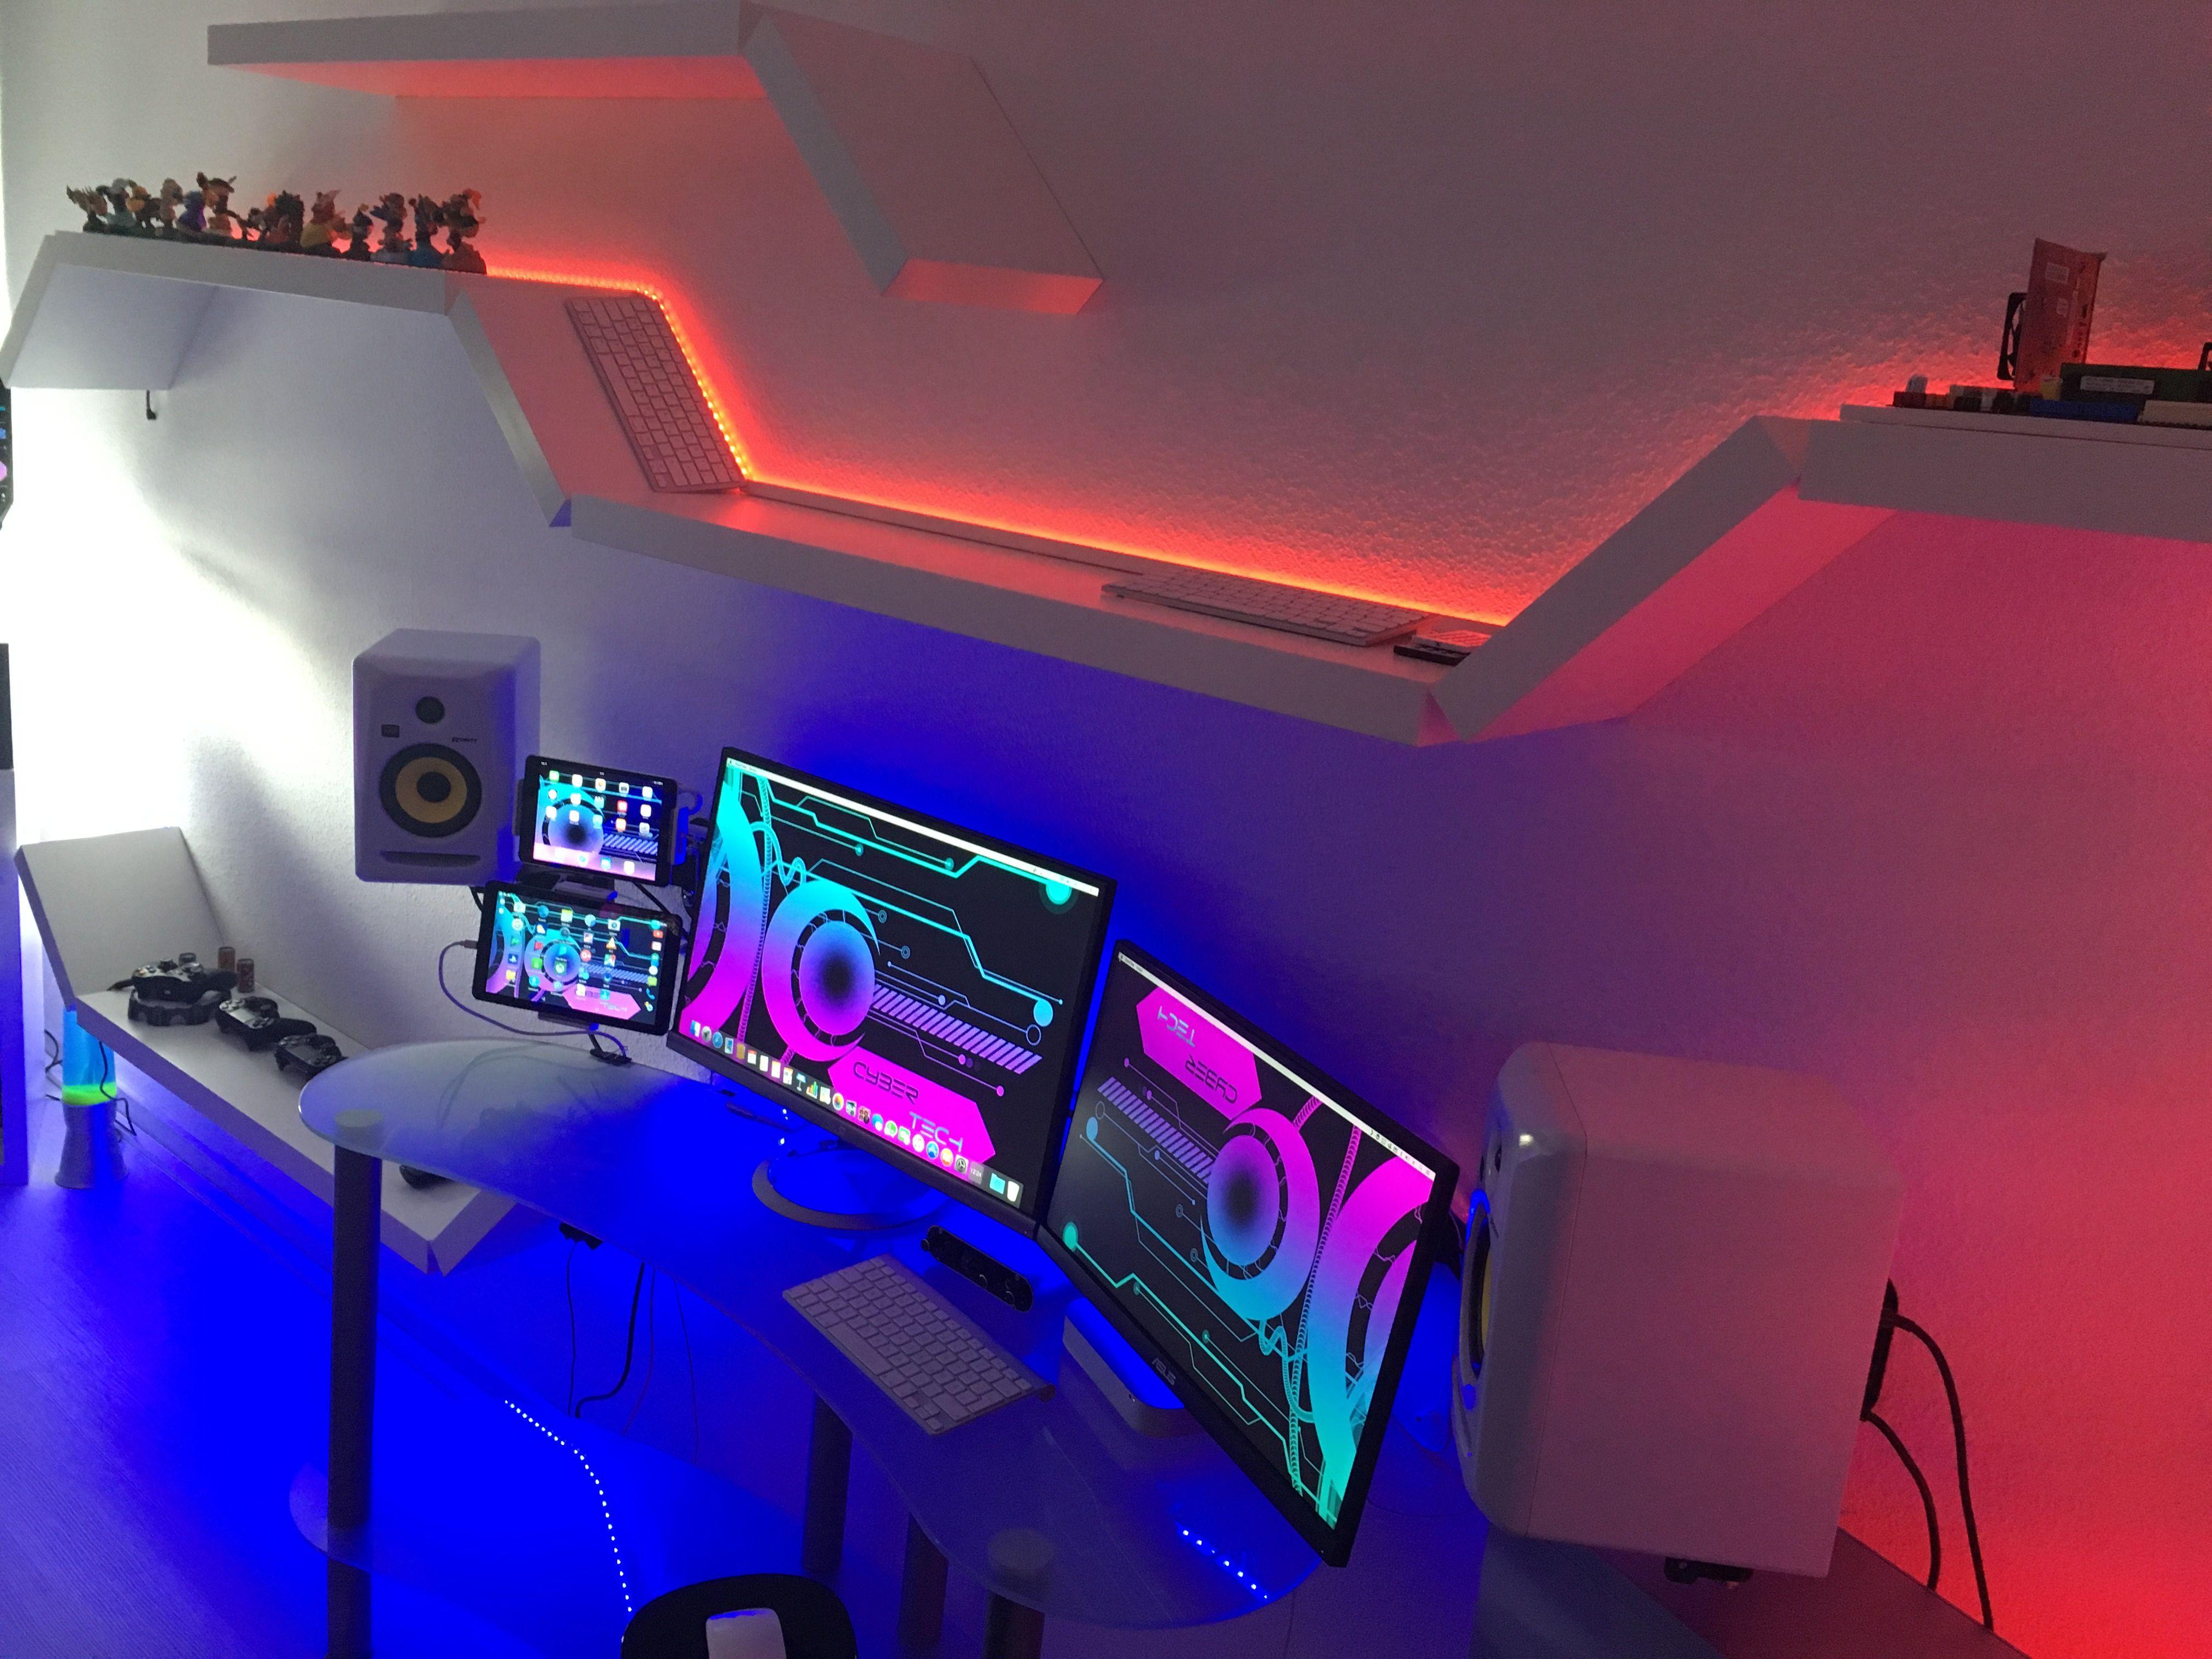 pc gaming room setup 2016 pinterest. Black Bedroom Furniture Sets. Home Design Ideas